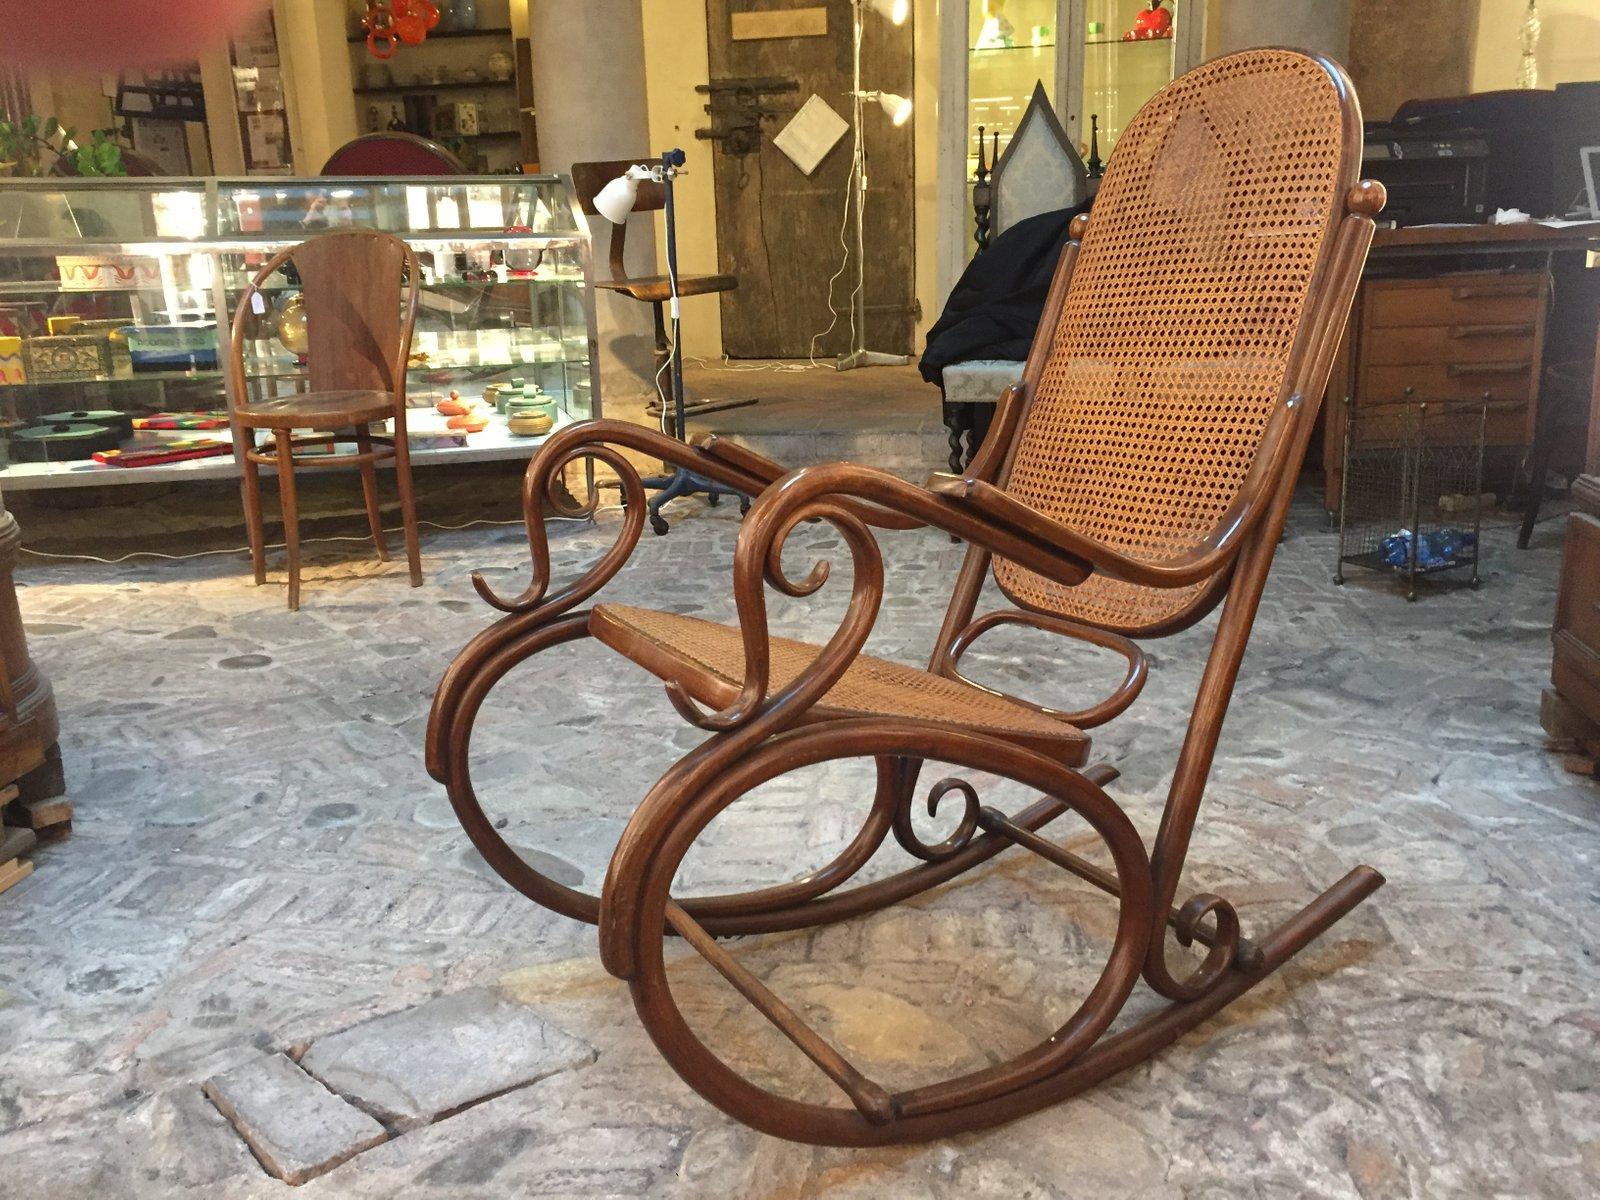 Sedia a dondolo antico di thonet in vendita su pamono - Sedia a dondolo prezzo ...